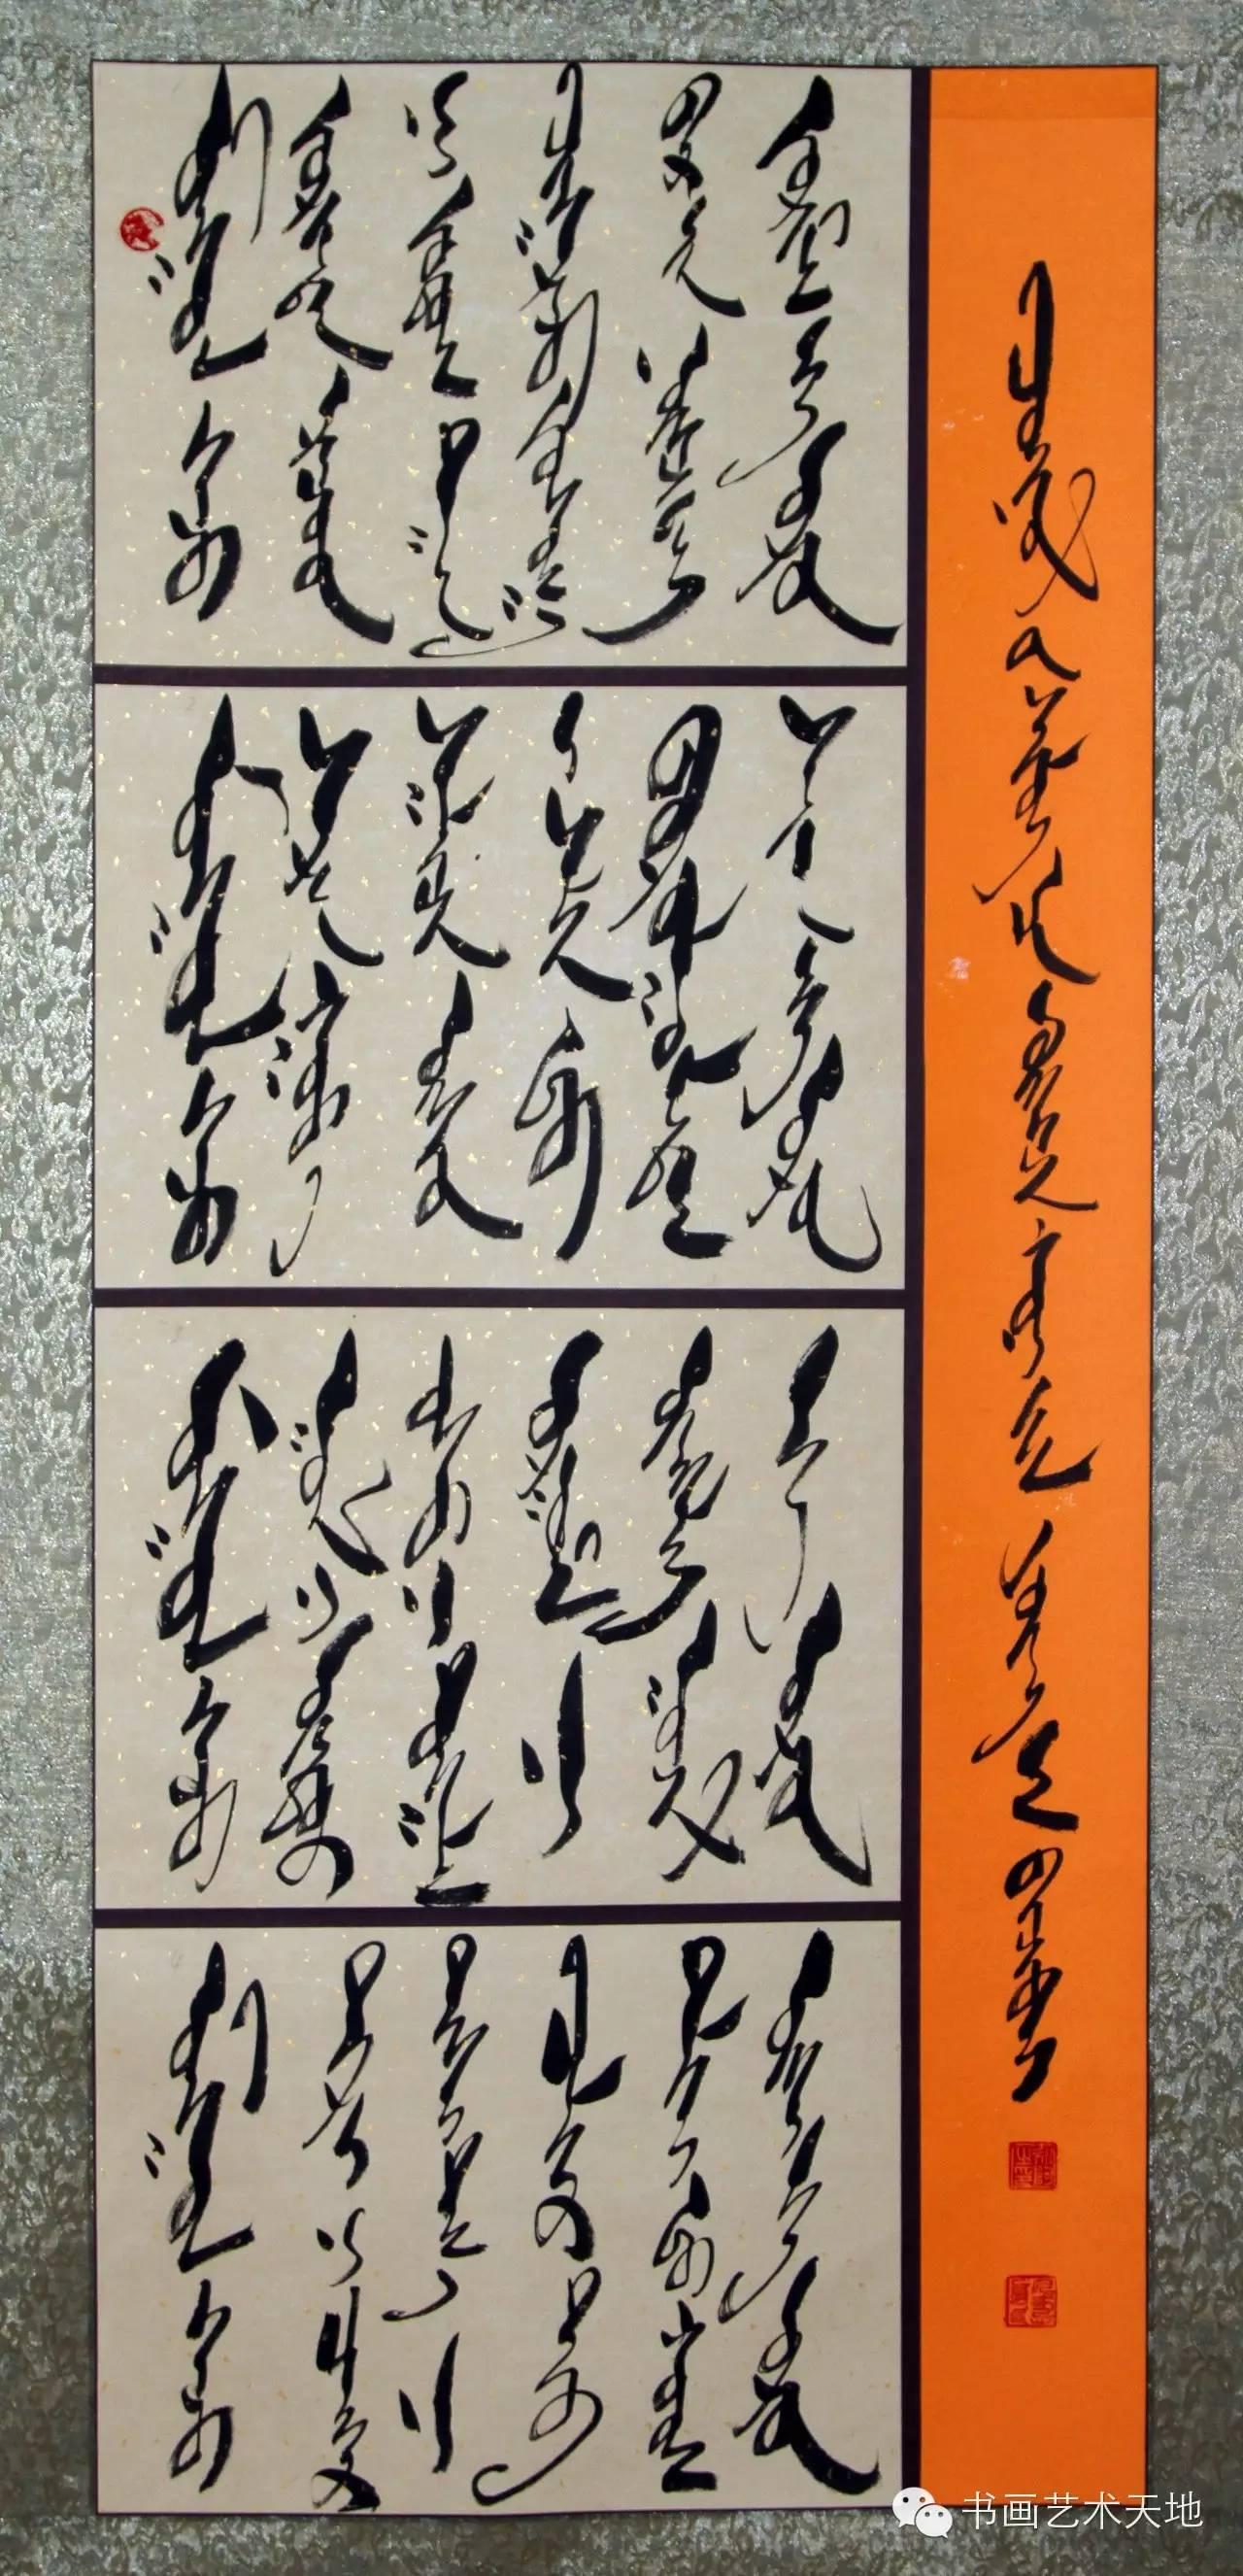 永阿——戈壁滩上的蒙文书法奇葩 第5张